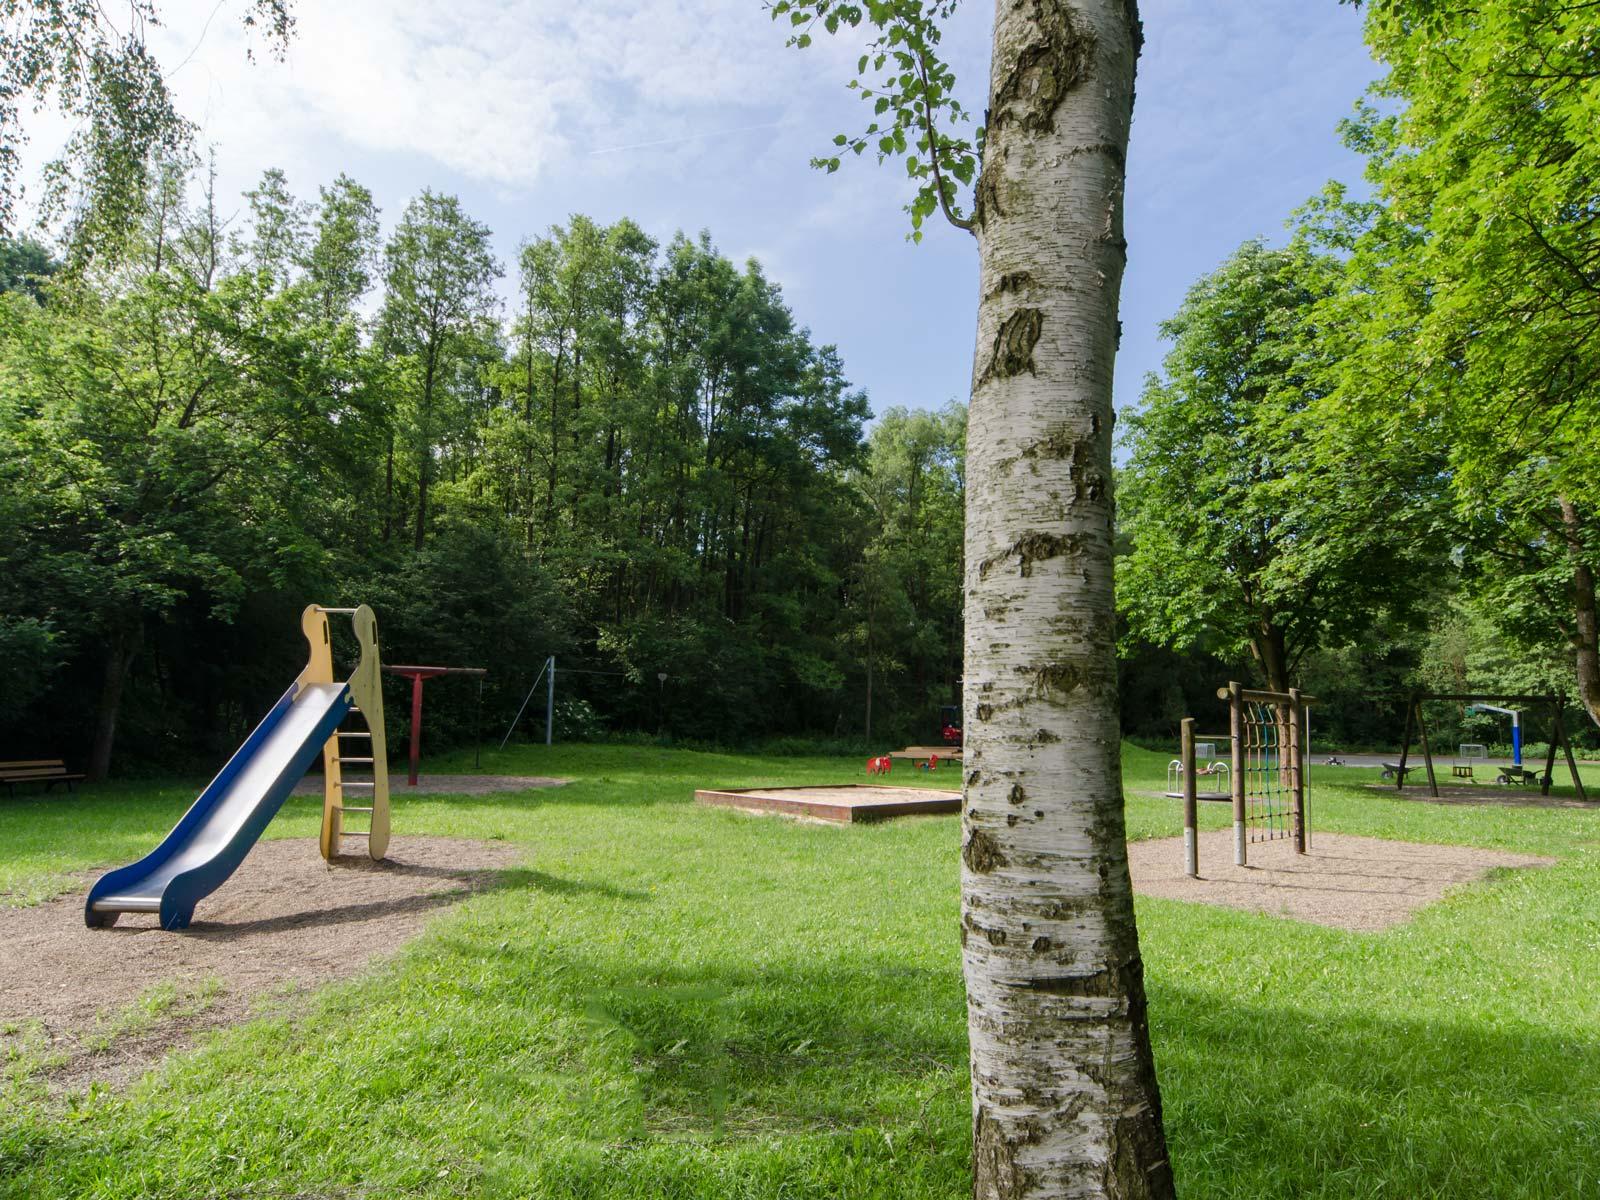 Kinderspielplatz neben unserem Sportplatz in Bayreuth - ASV Laineck